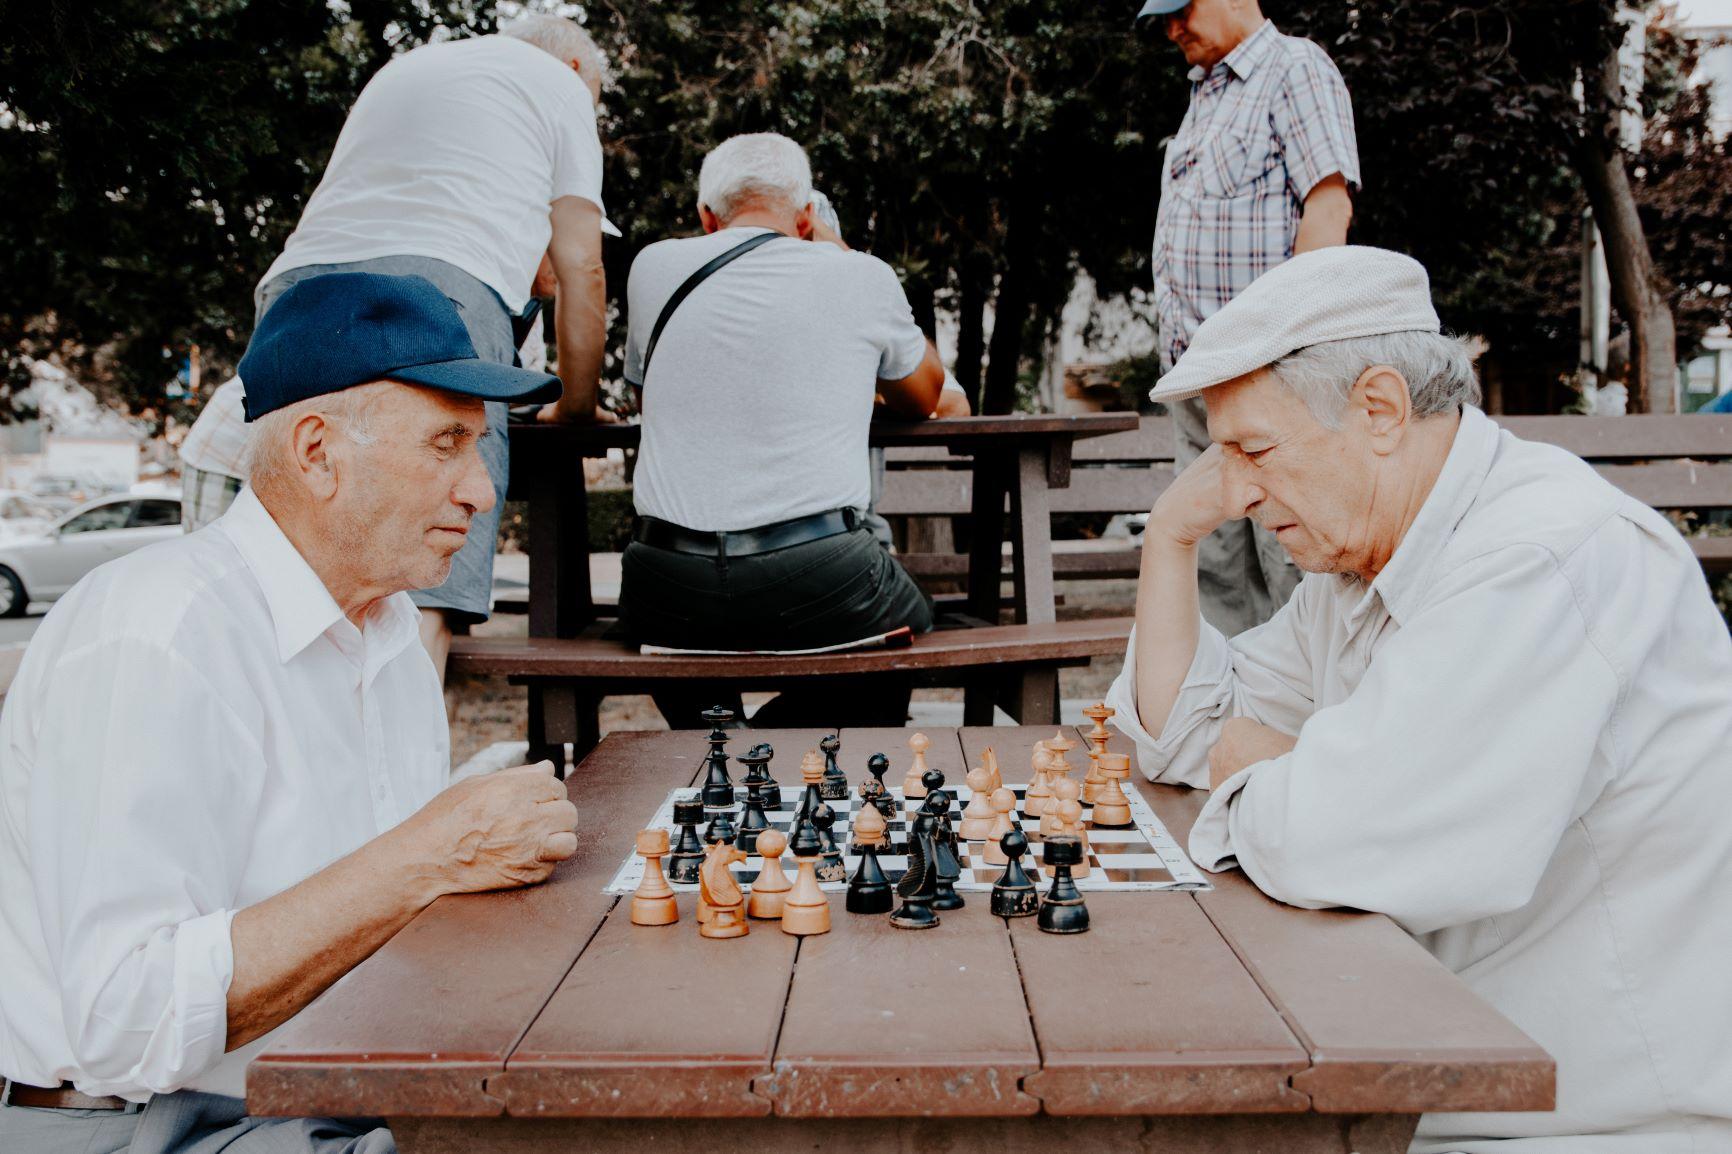 Senior citizens and retirees